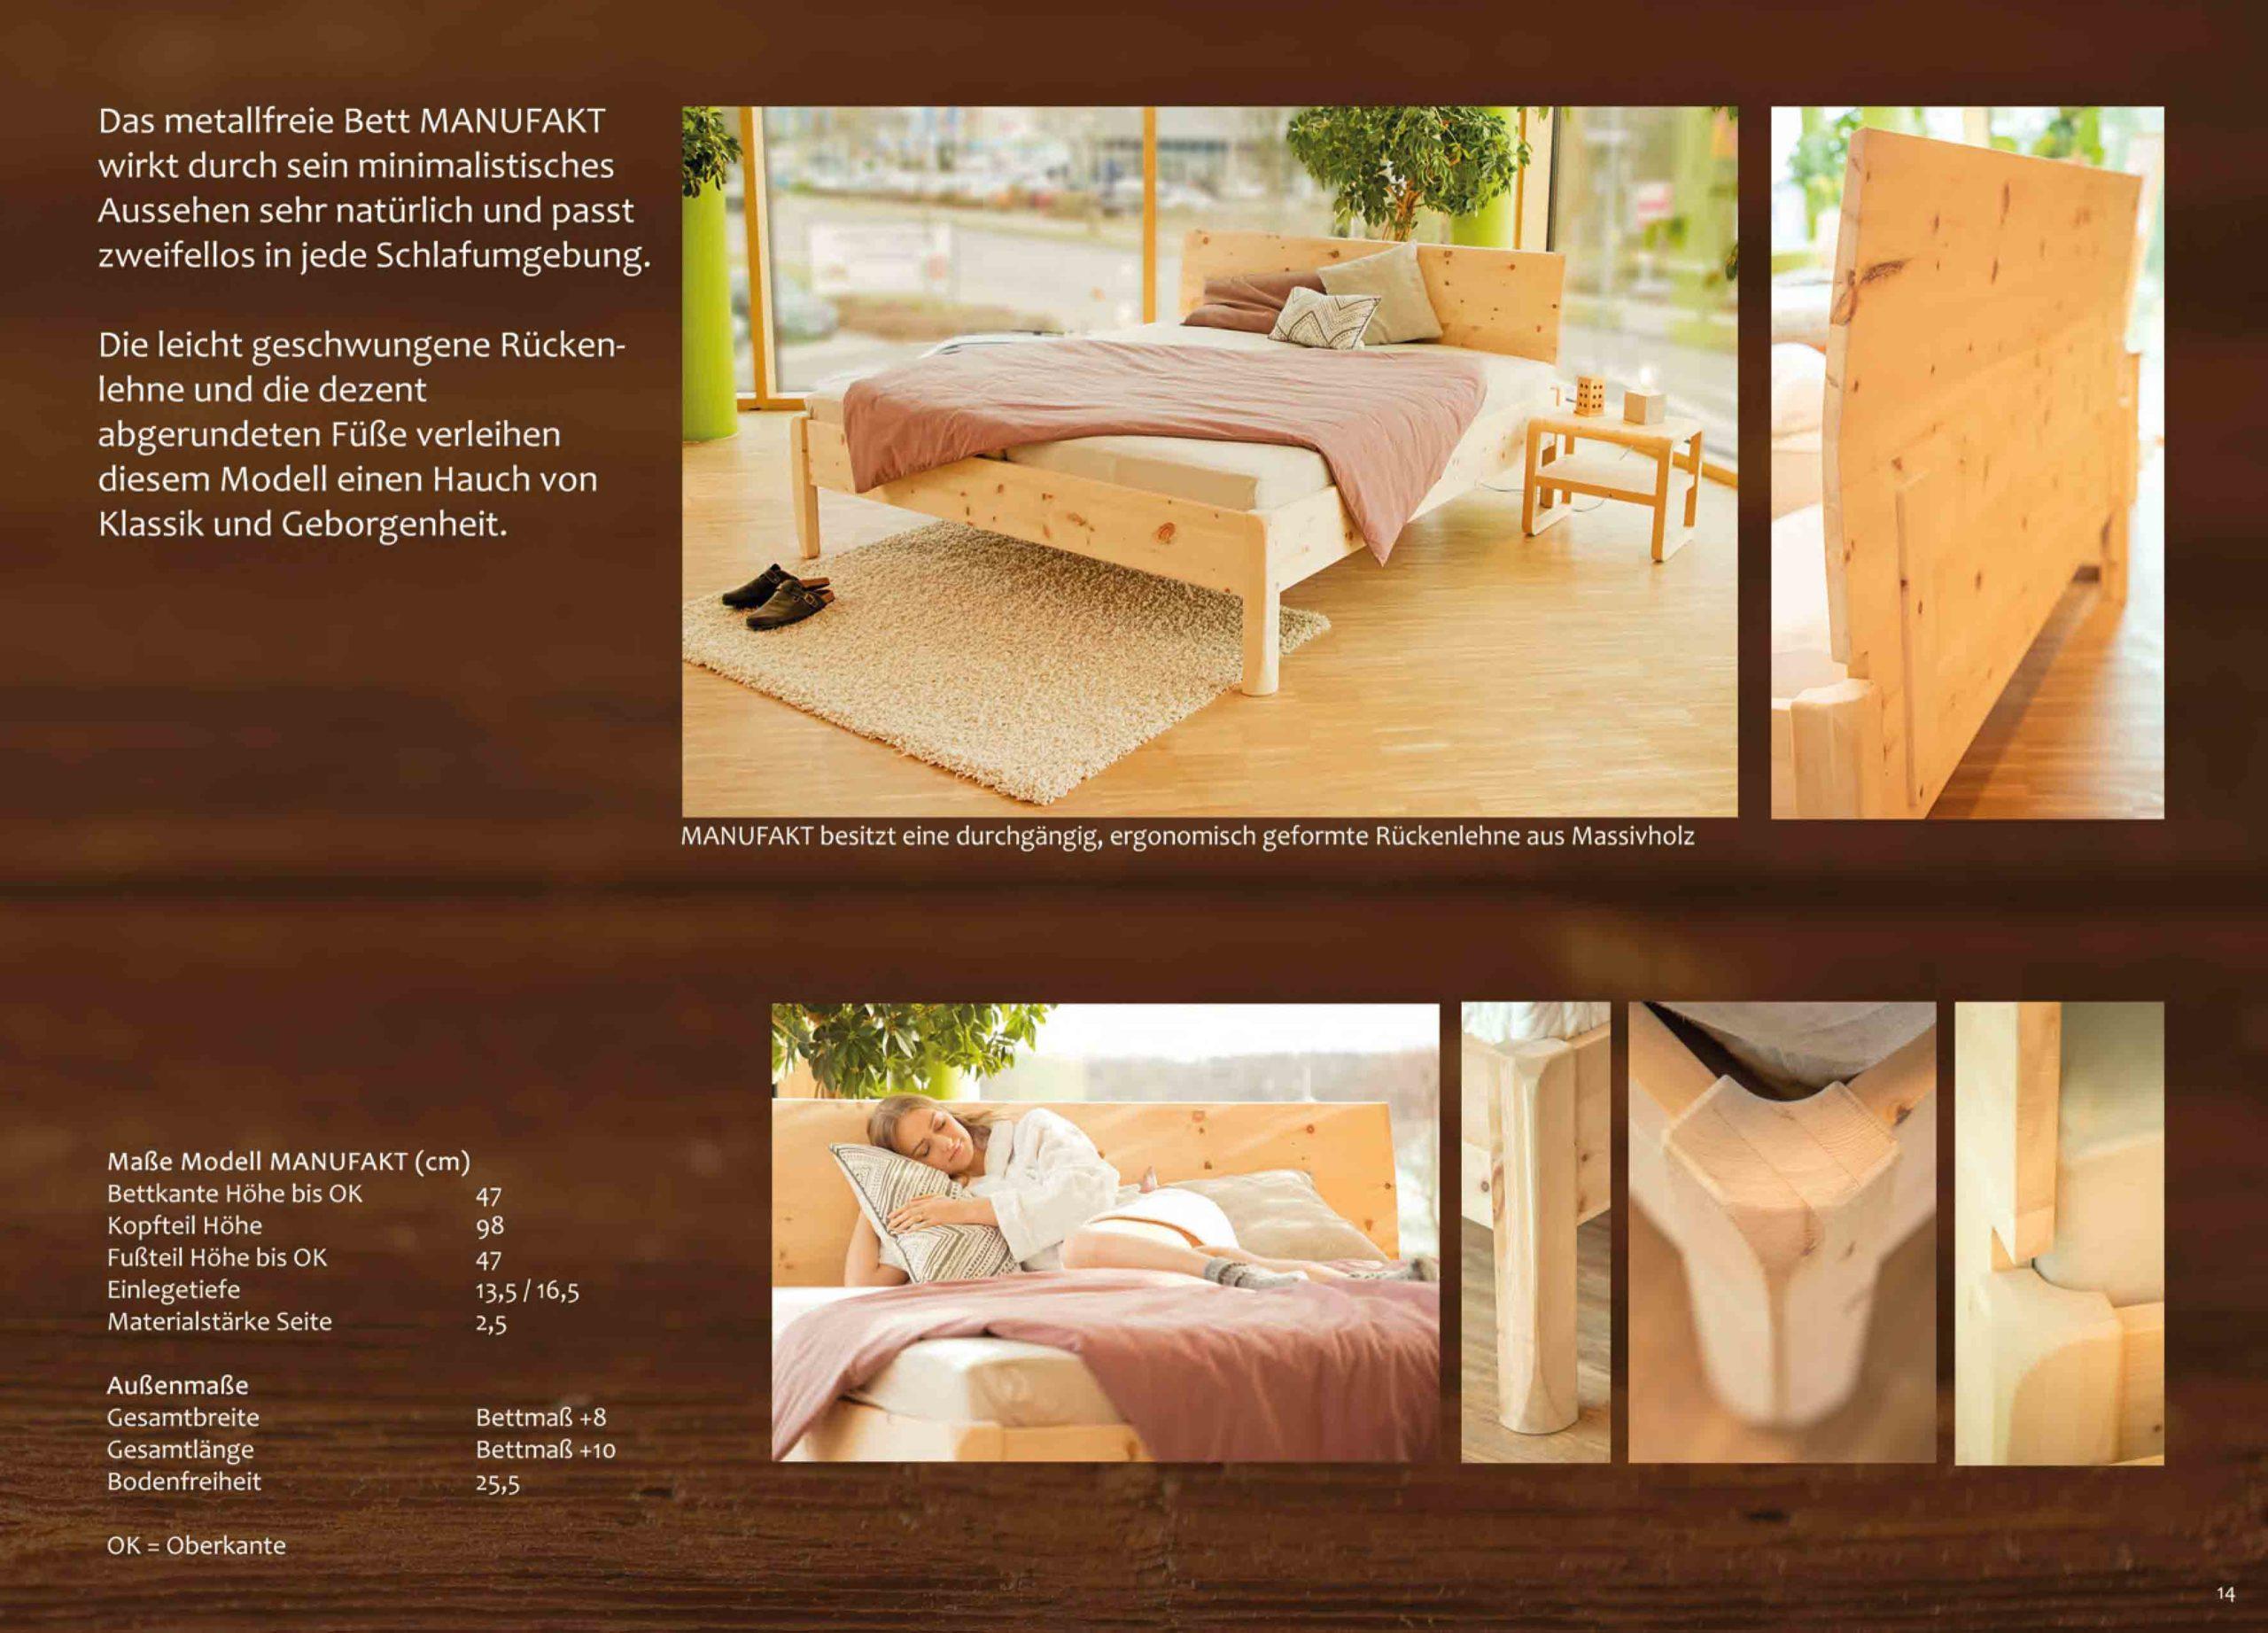 Minimalistisches Bett Manufact - metallfreies Massivholzbett